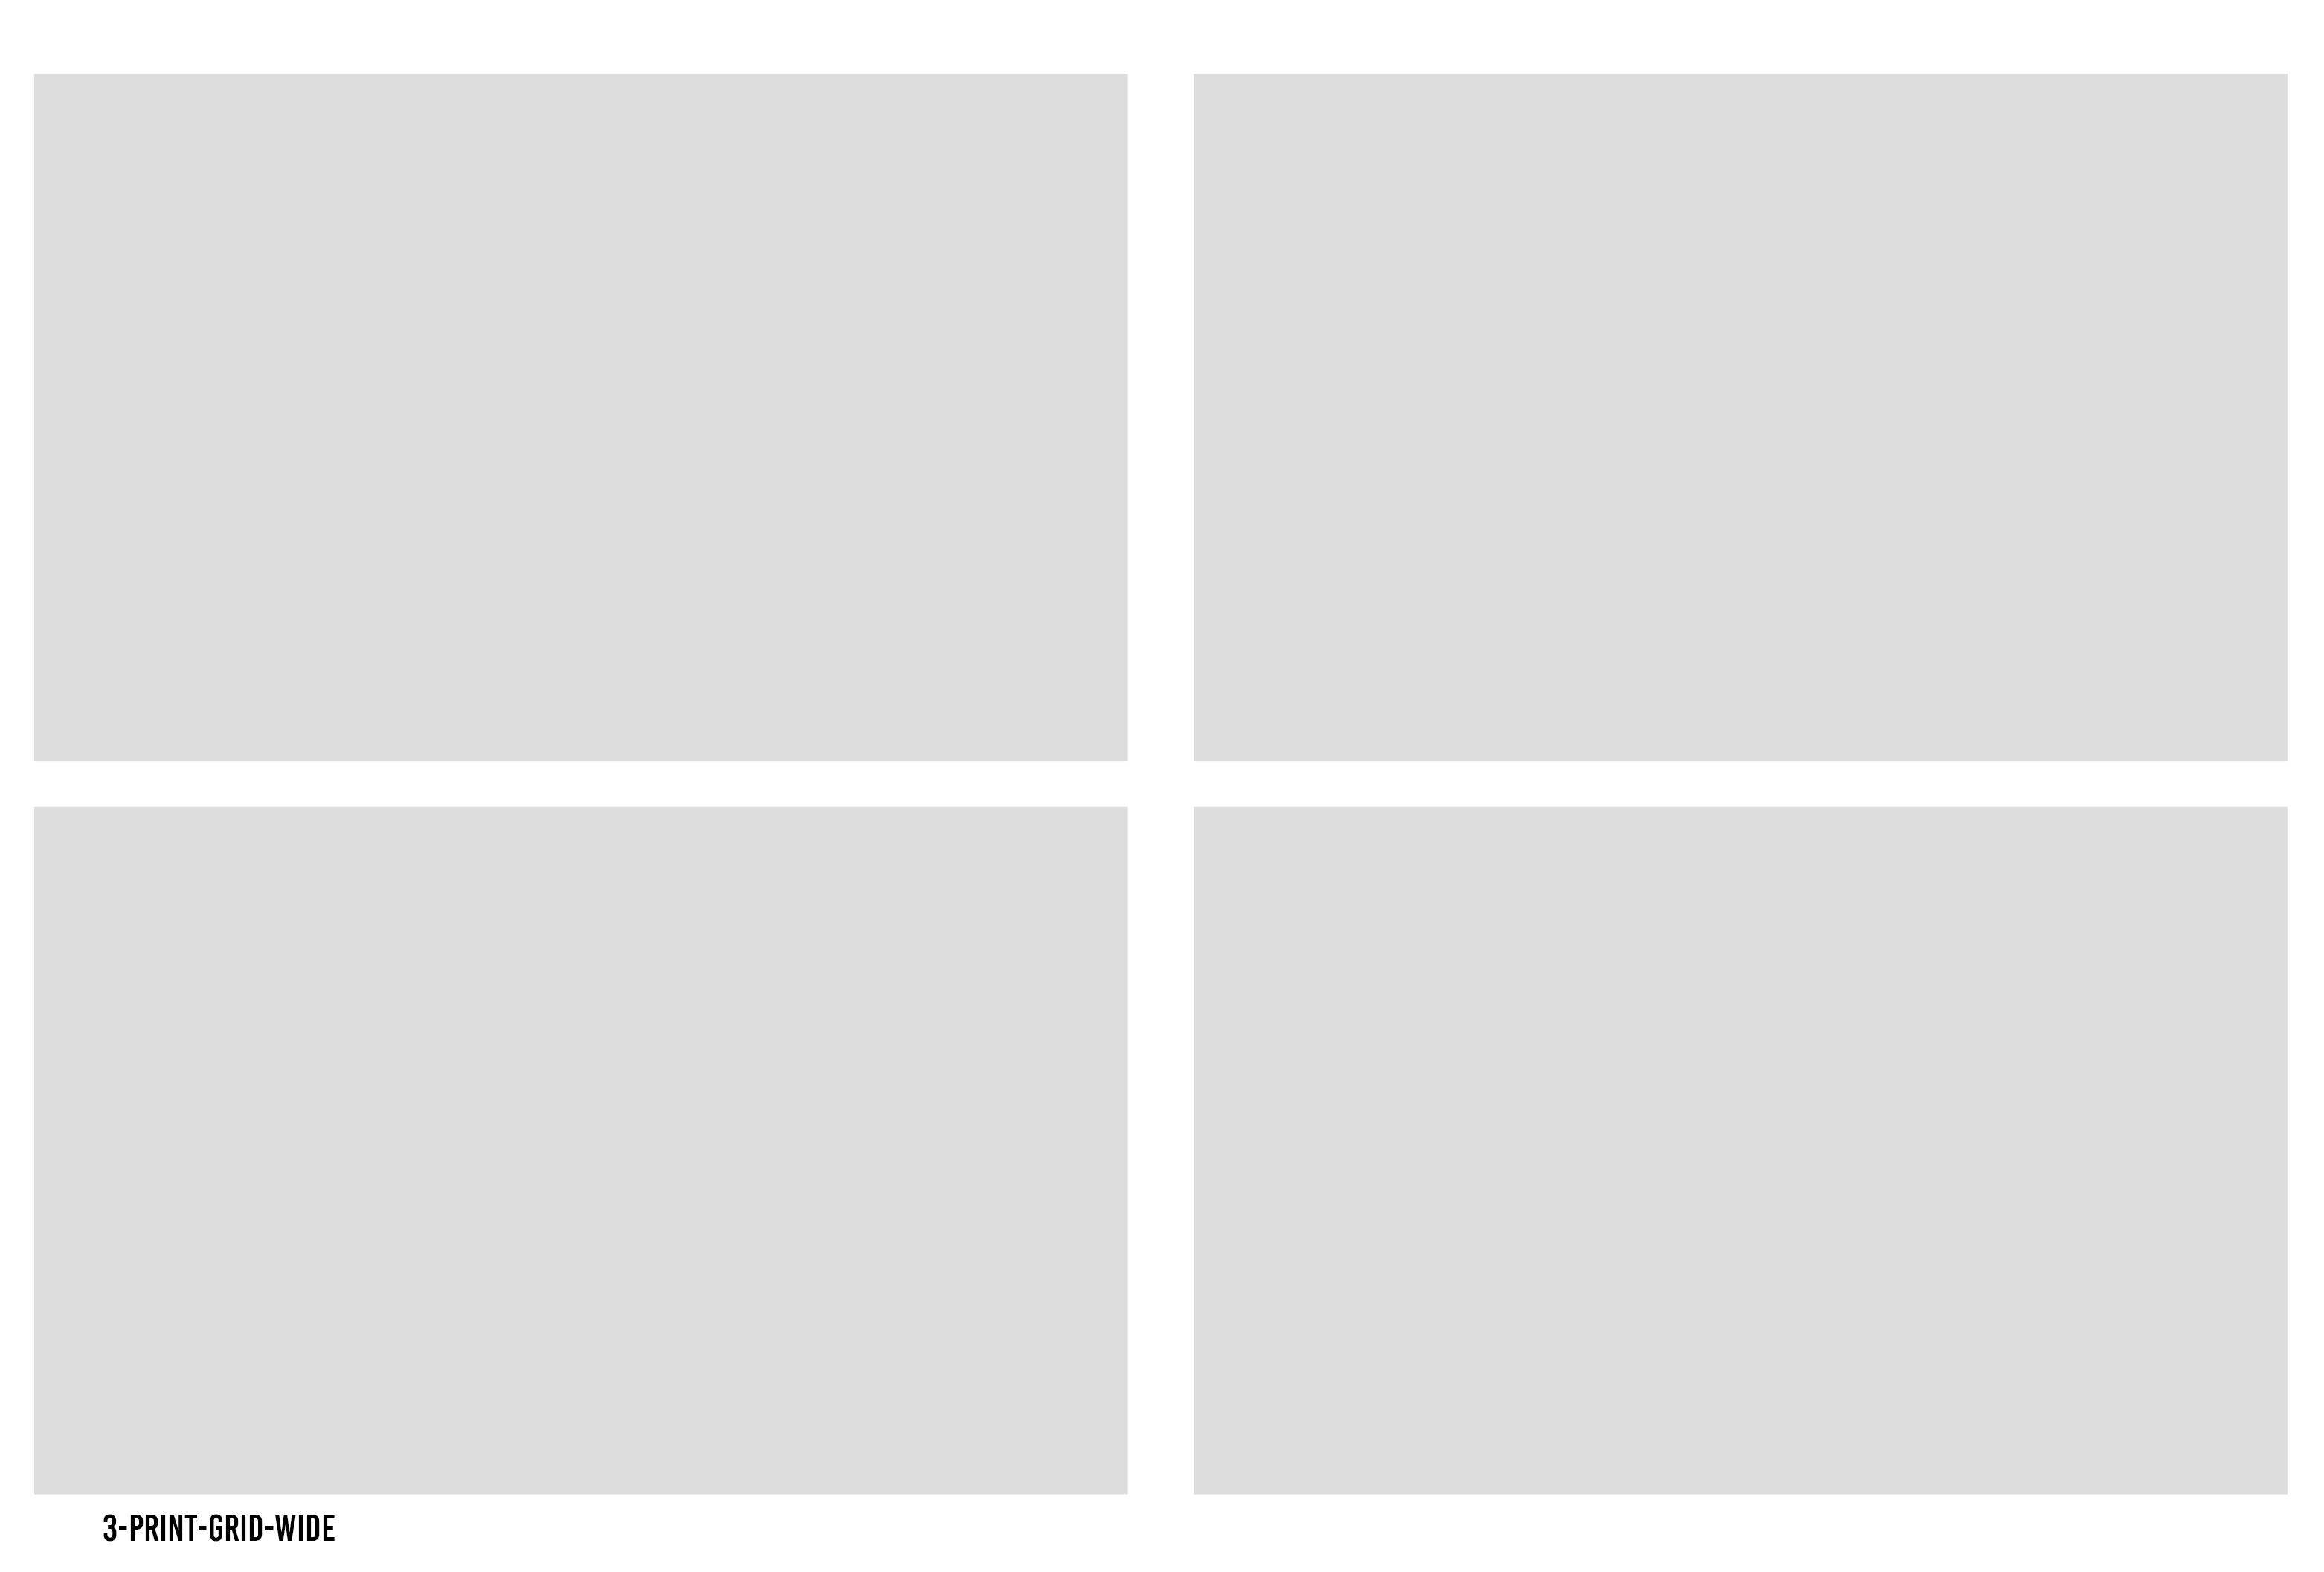 3-print-grid-wide